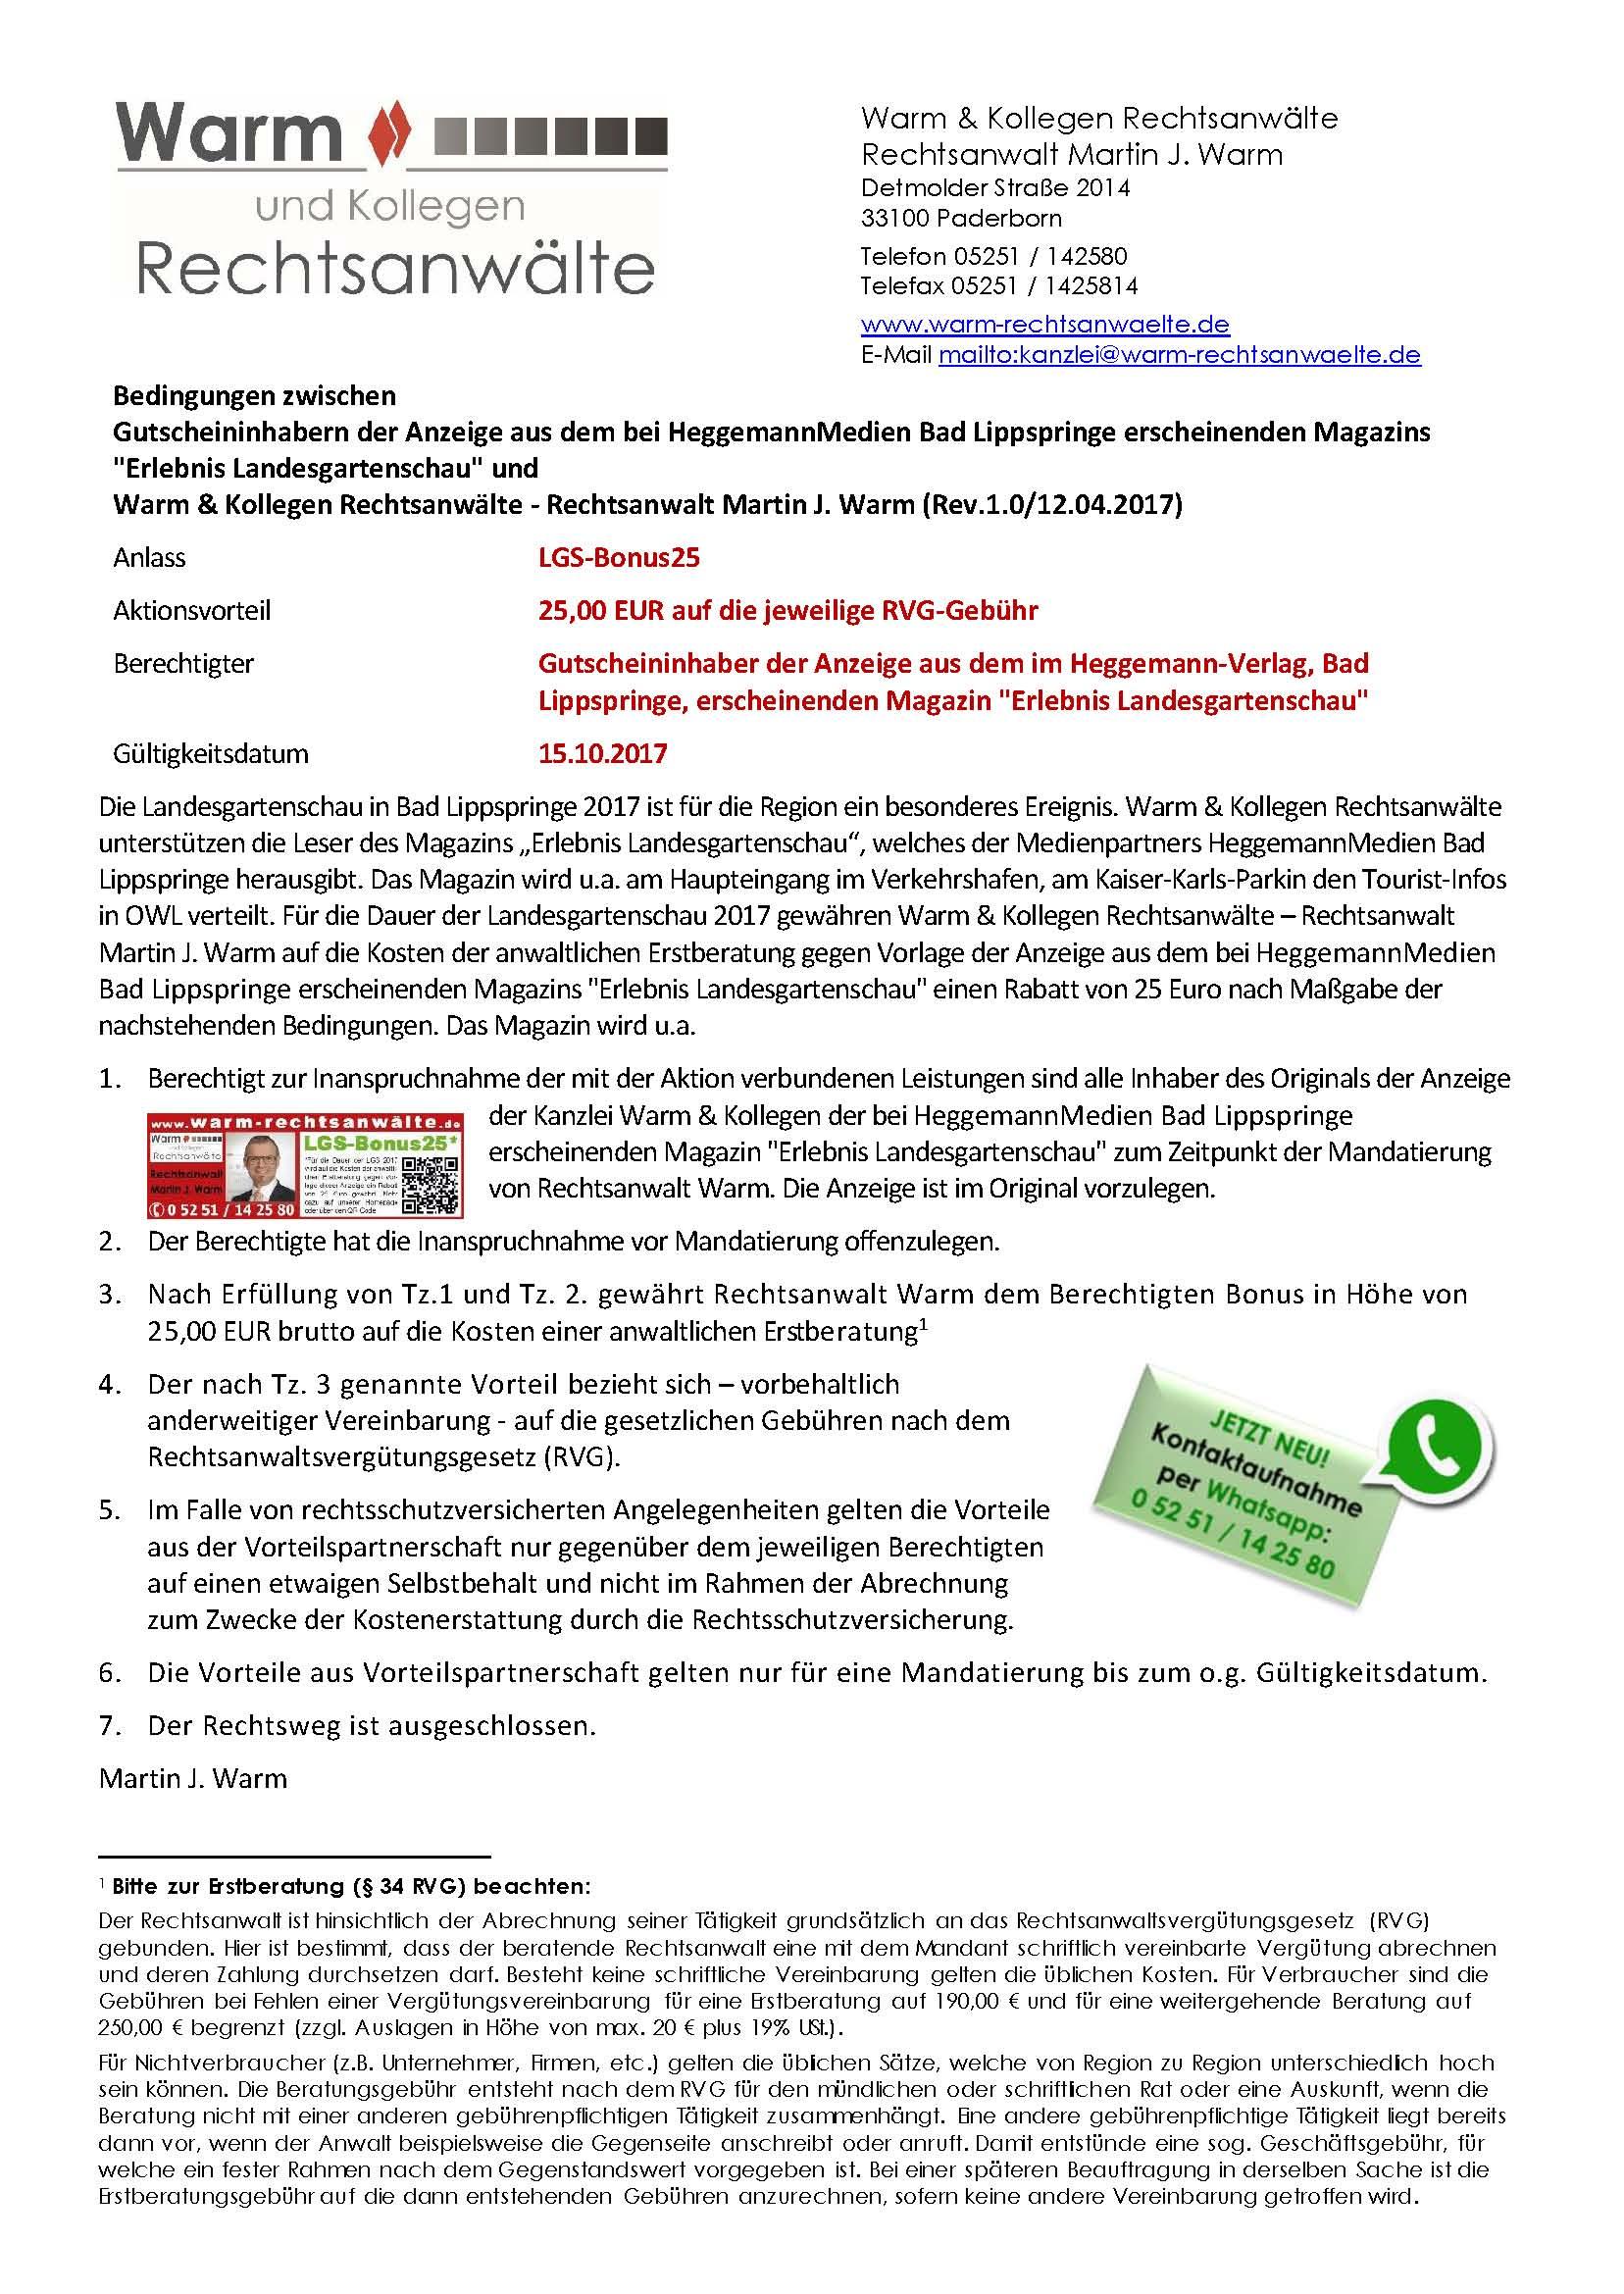 Hier befinden sich die Bedingungen zu LGS-Bonus25, Seite 1